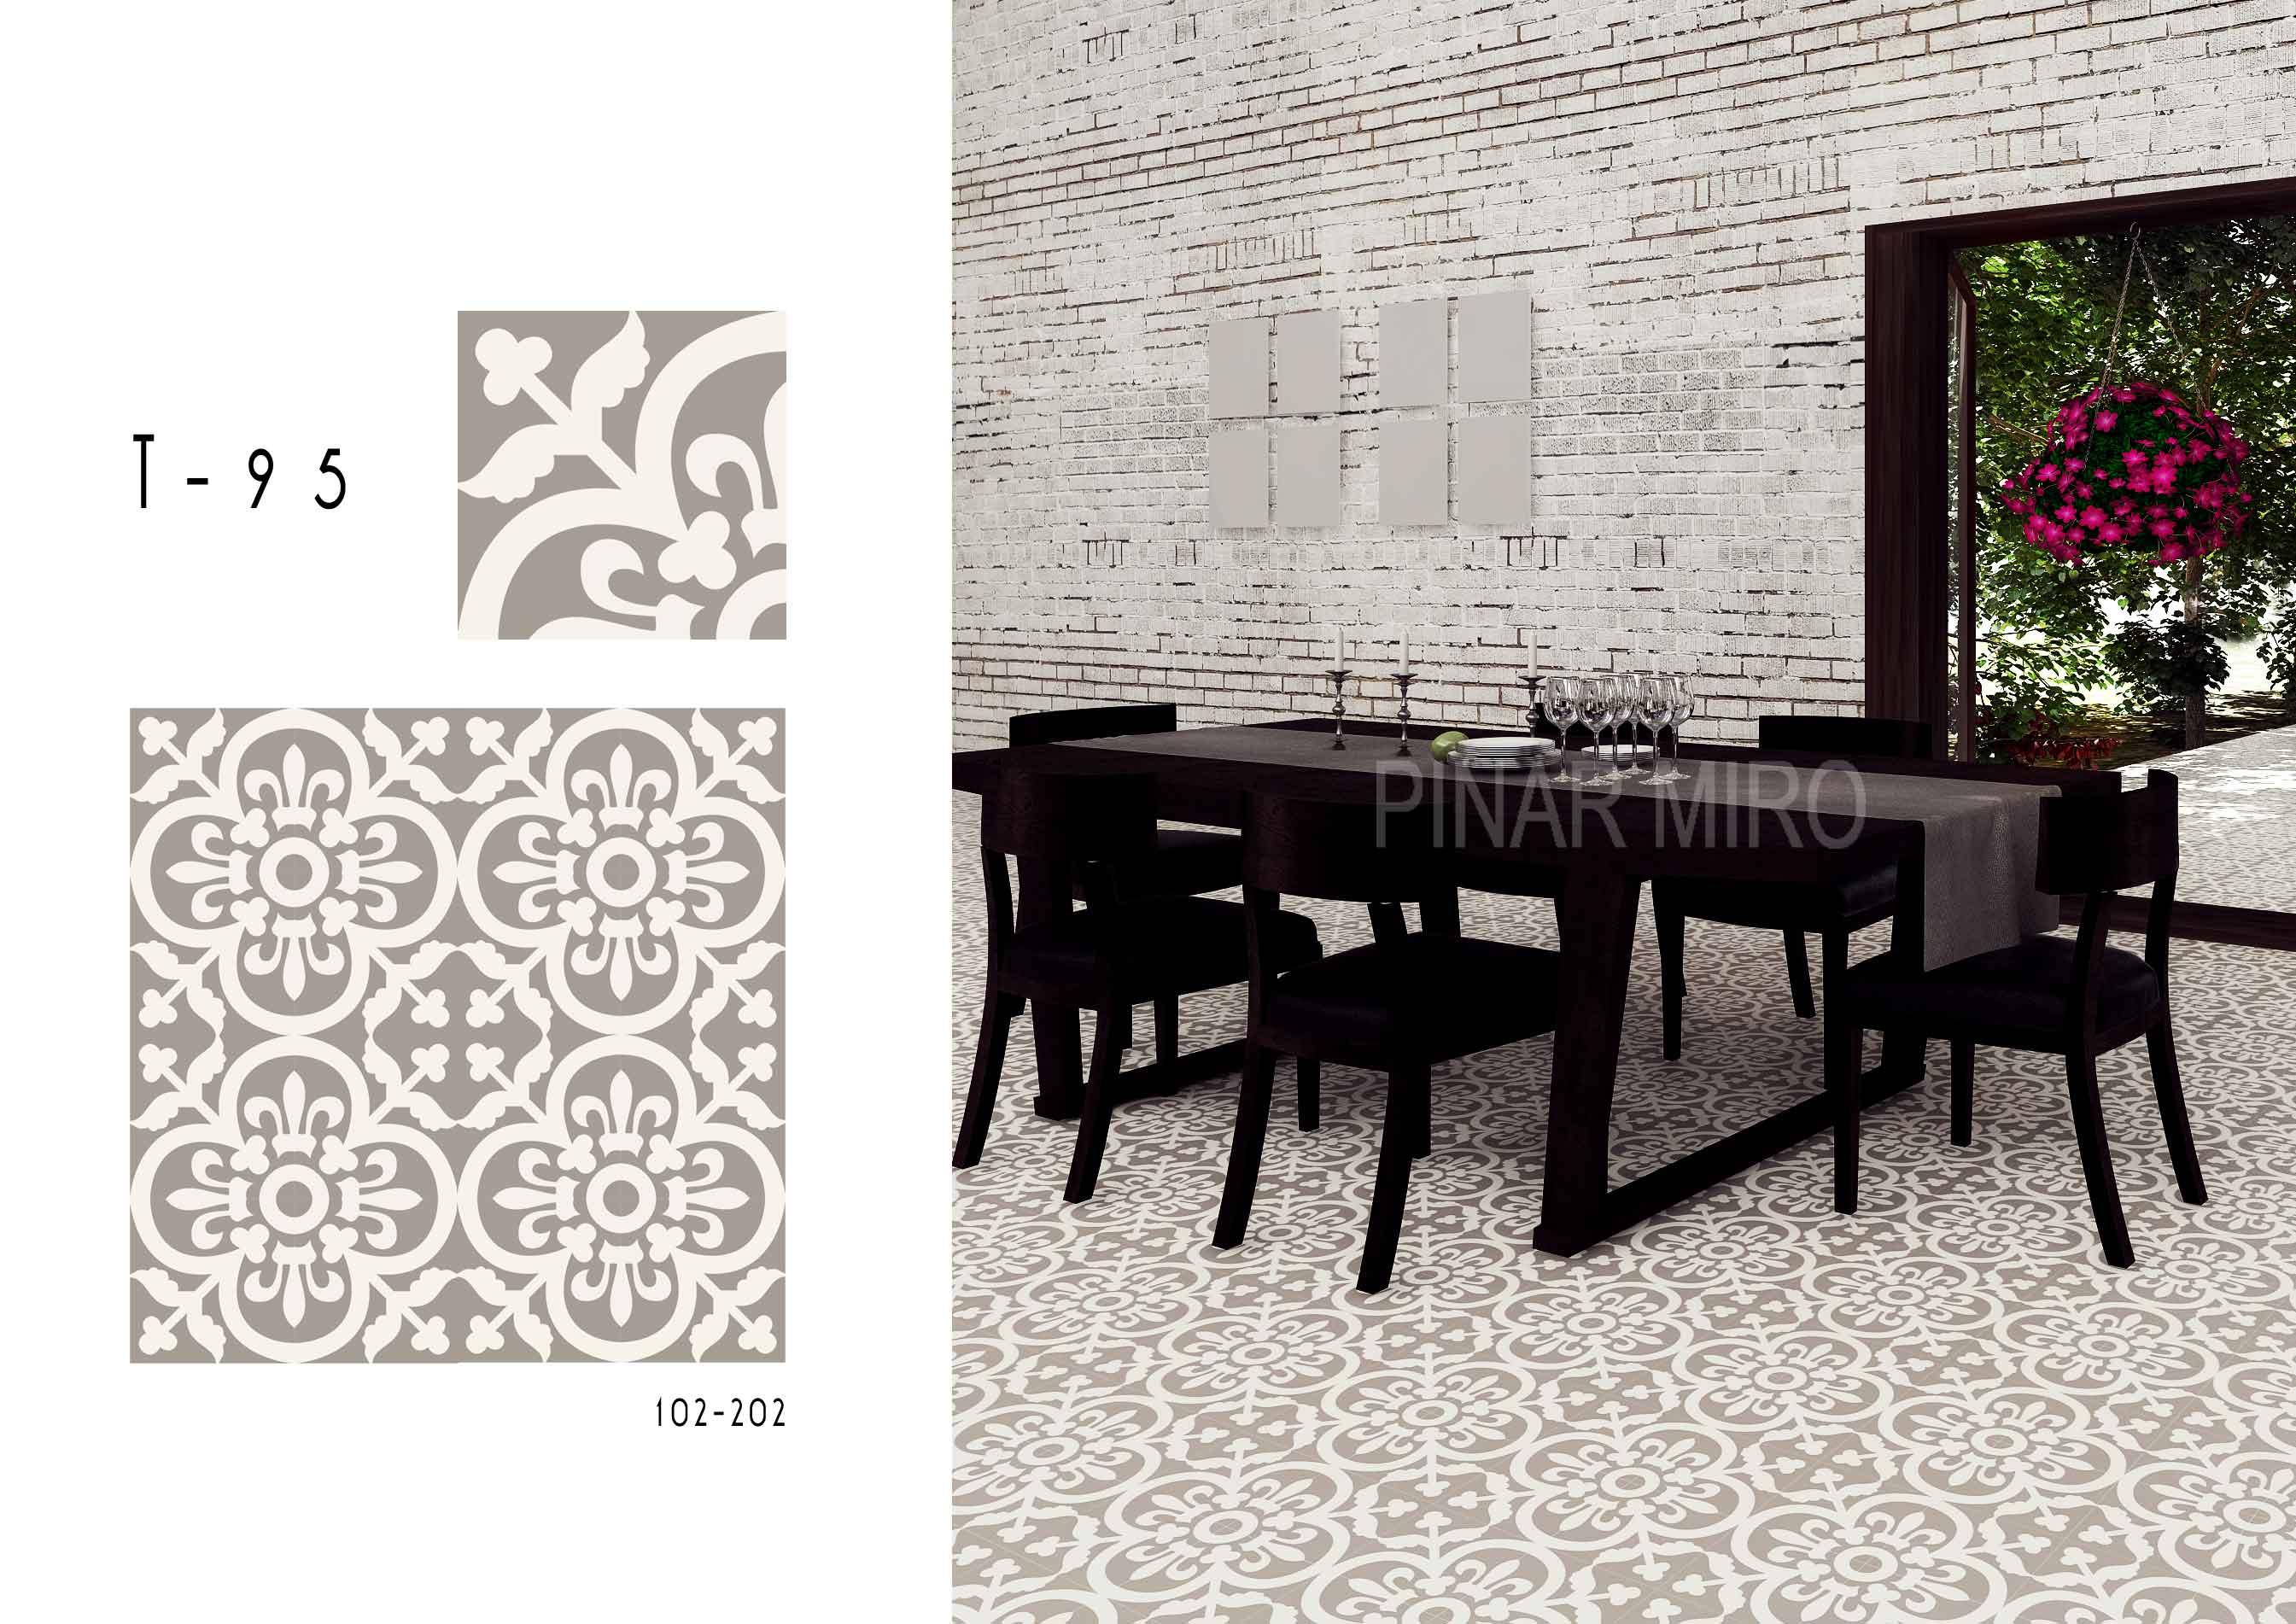 1t095-pinar-miro-cement-tiles